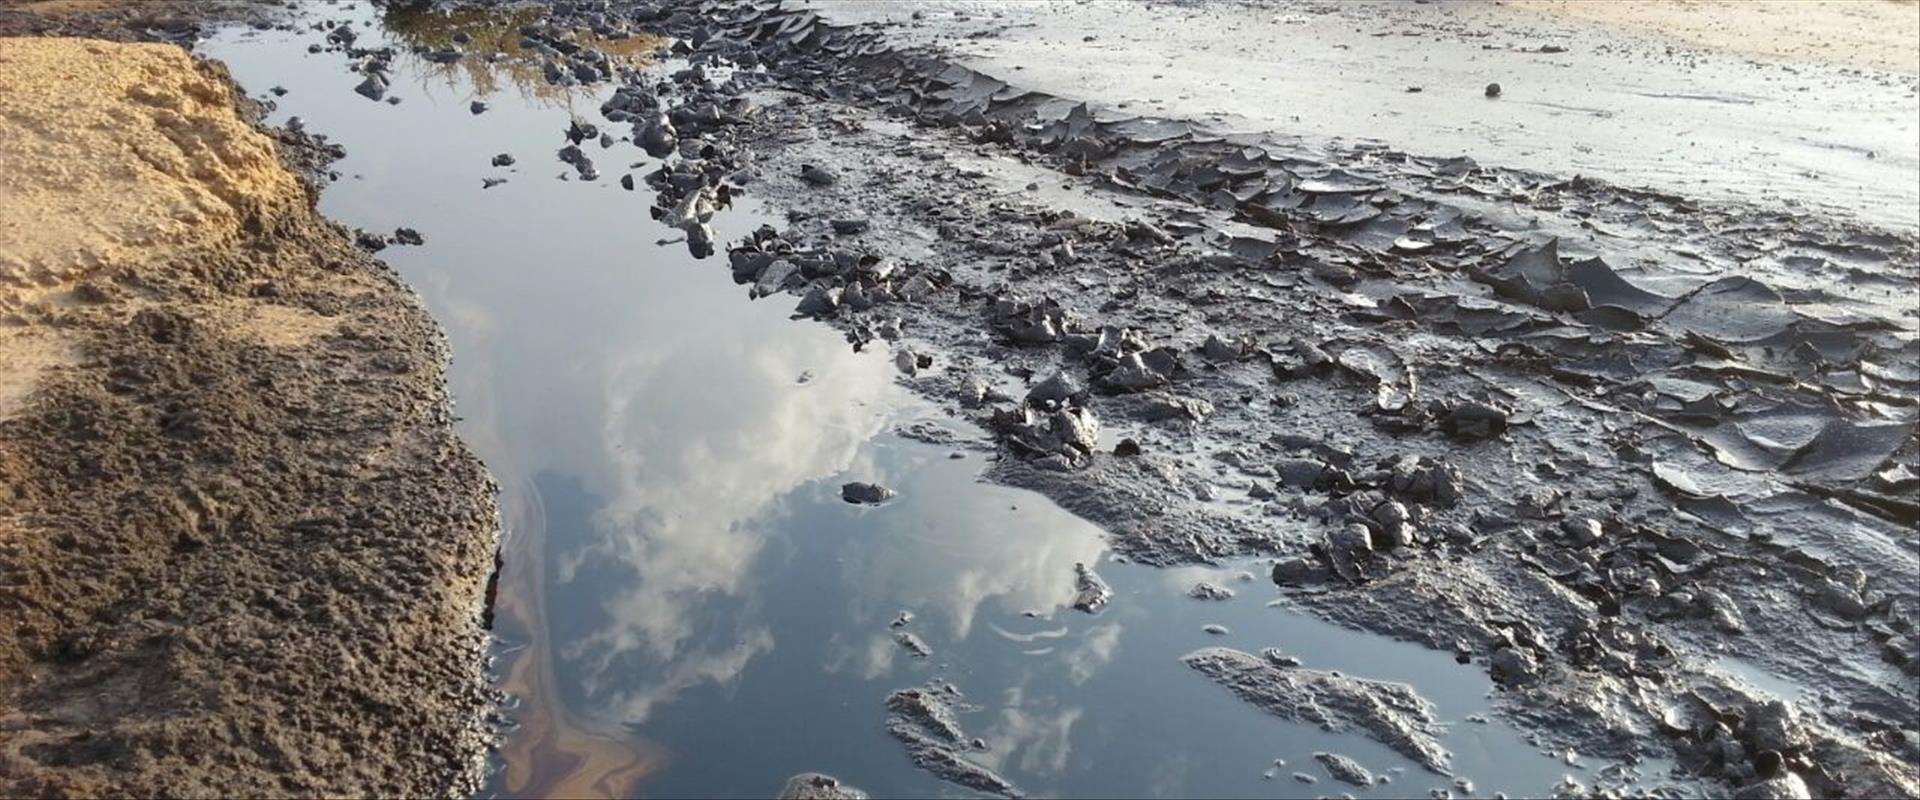 שמורת עברונה באירוע פריצת הנפט